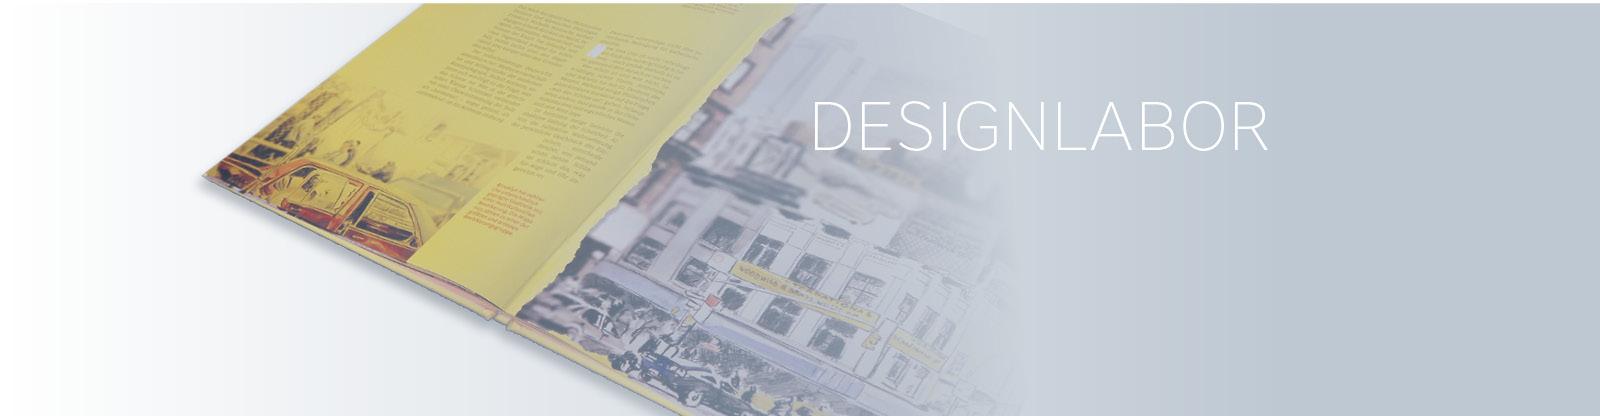 header_aufmacher_designlabor